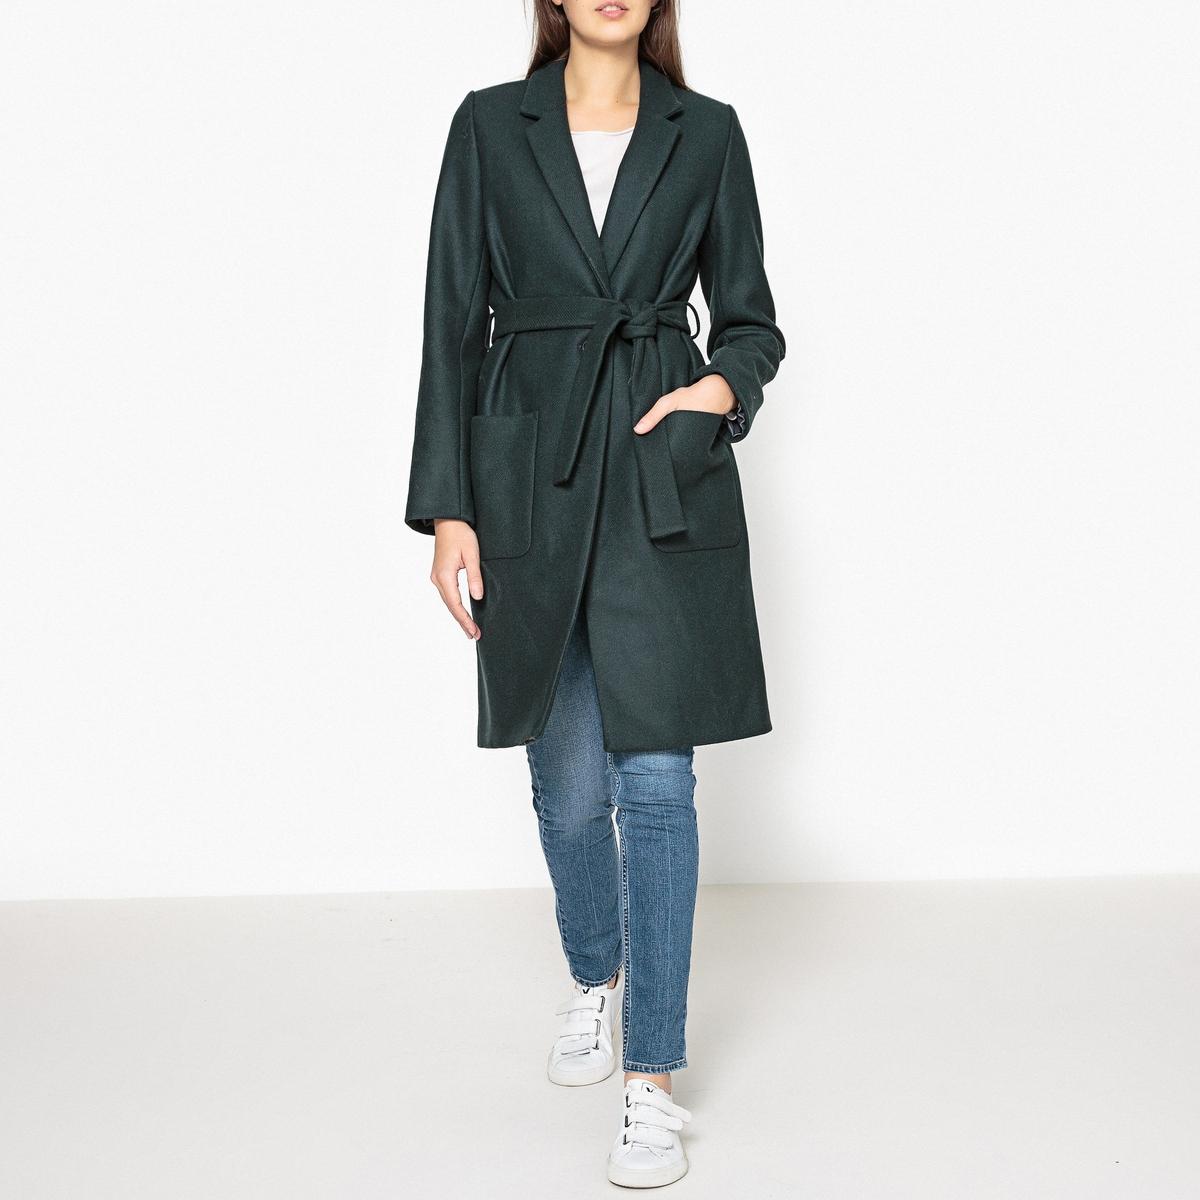 Пальто прямое с поясом MARCELINОписание:Прямое пальто SESSUN - модель  MARCELIN с поясом, смесовый шерстяной материал.Детали •  Длина : средняя •  Шалевый воротник •  Без застежкиСостав и уход •  80% шерсти, 20% полиамида •  Следуйте советам по уходу, указанным на этикетке<br><br>Цвет: темно-зеленый<br>Размер: M.S